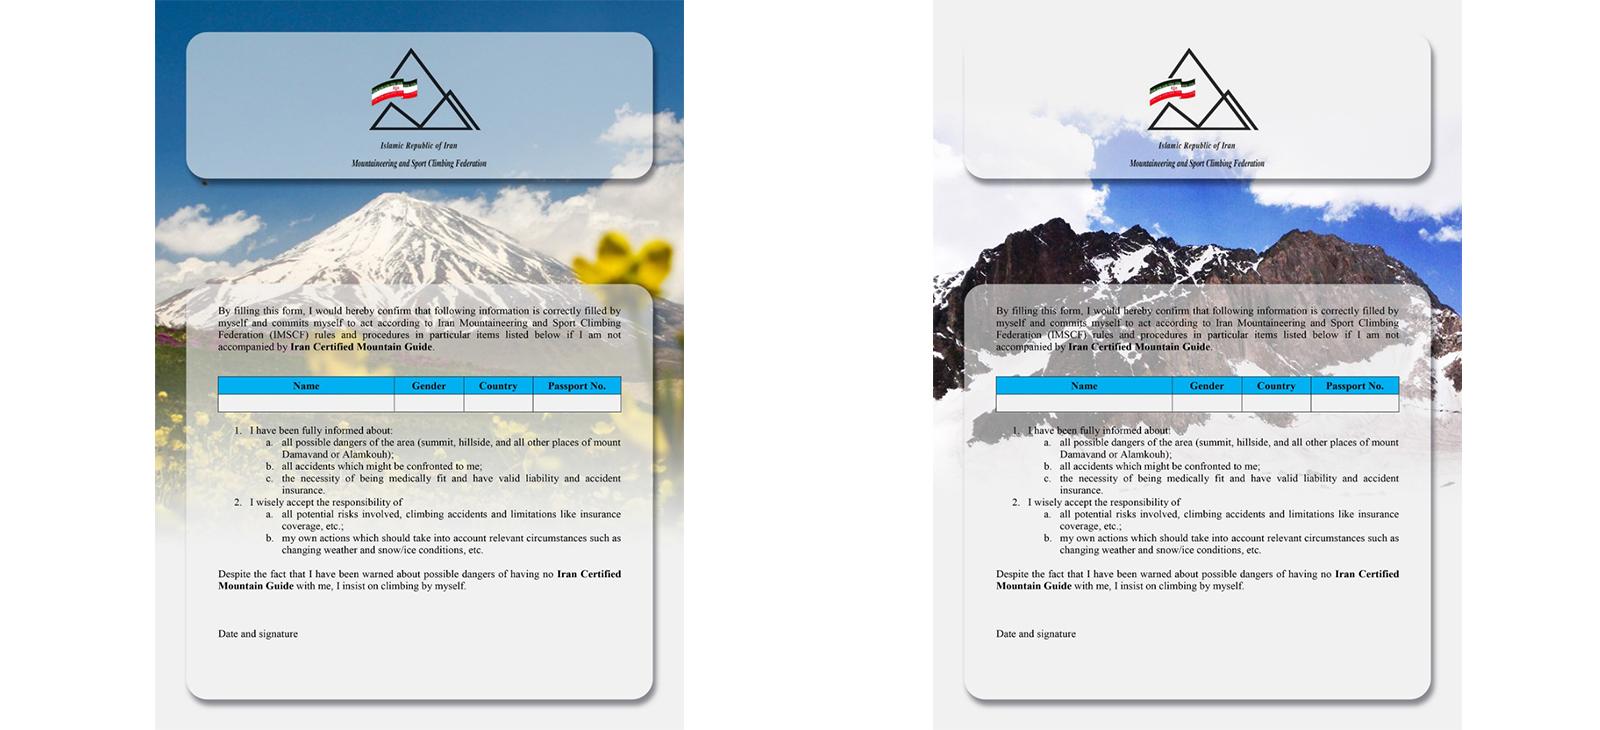 تعهدنامه صعود به قلل دماوند و علم کوه